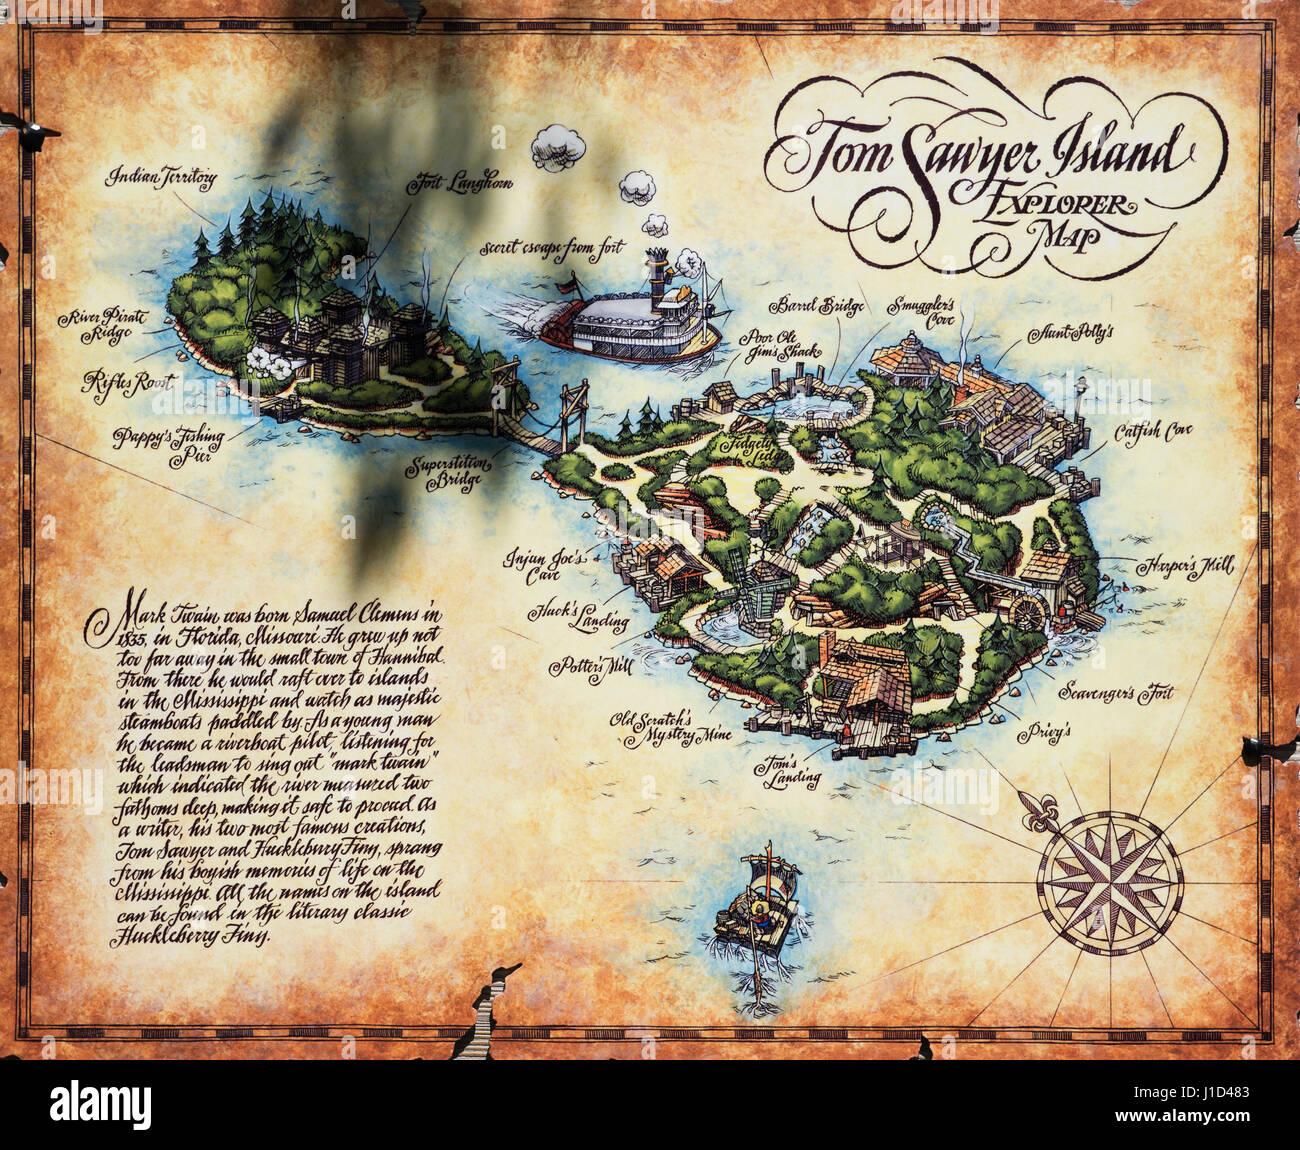 Tom Sawyer Island Explorer mapa, en Frontierland en el Magic Kingdom, Disney World Resort, Orlando, Florida Foto de stock